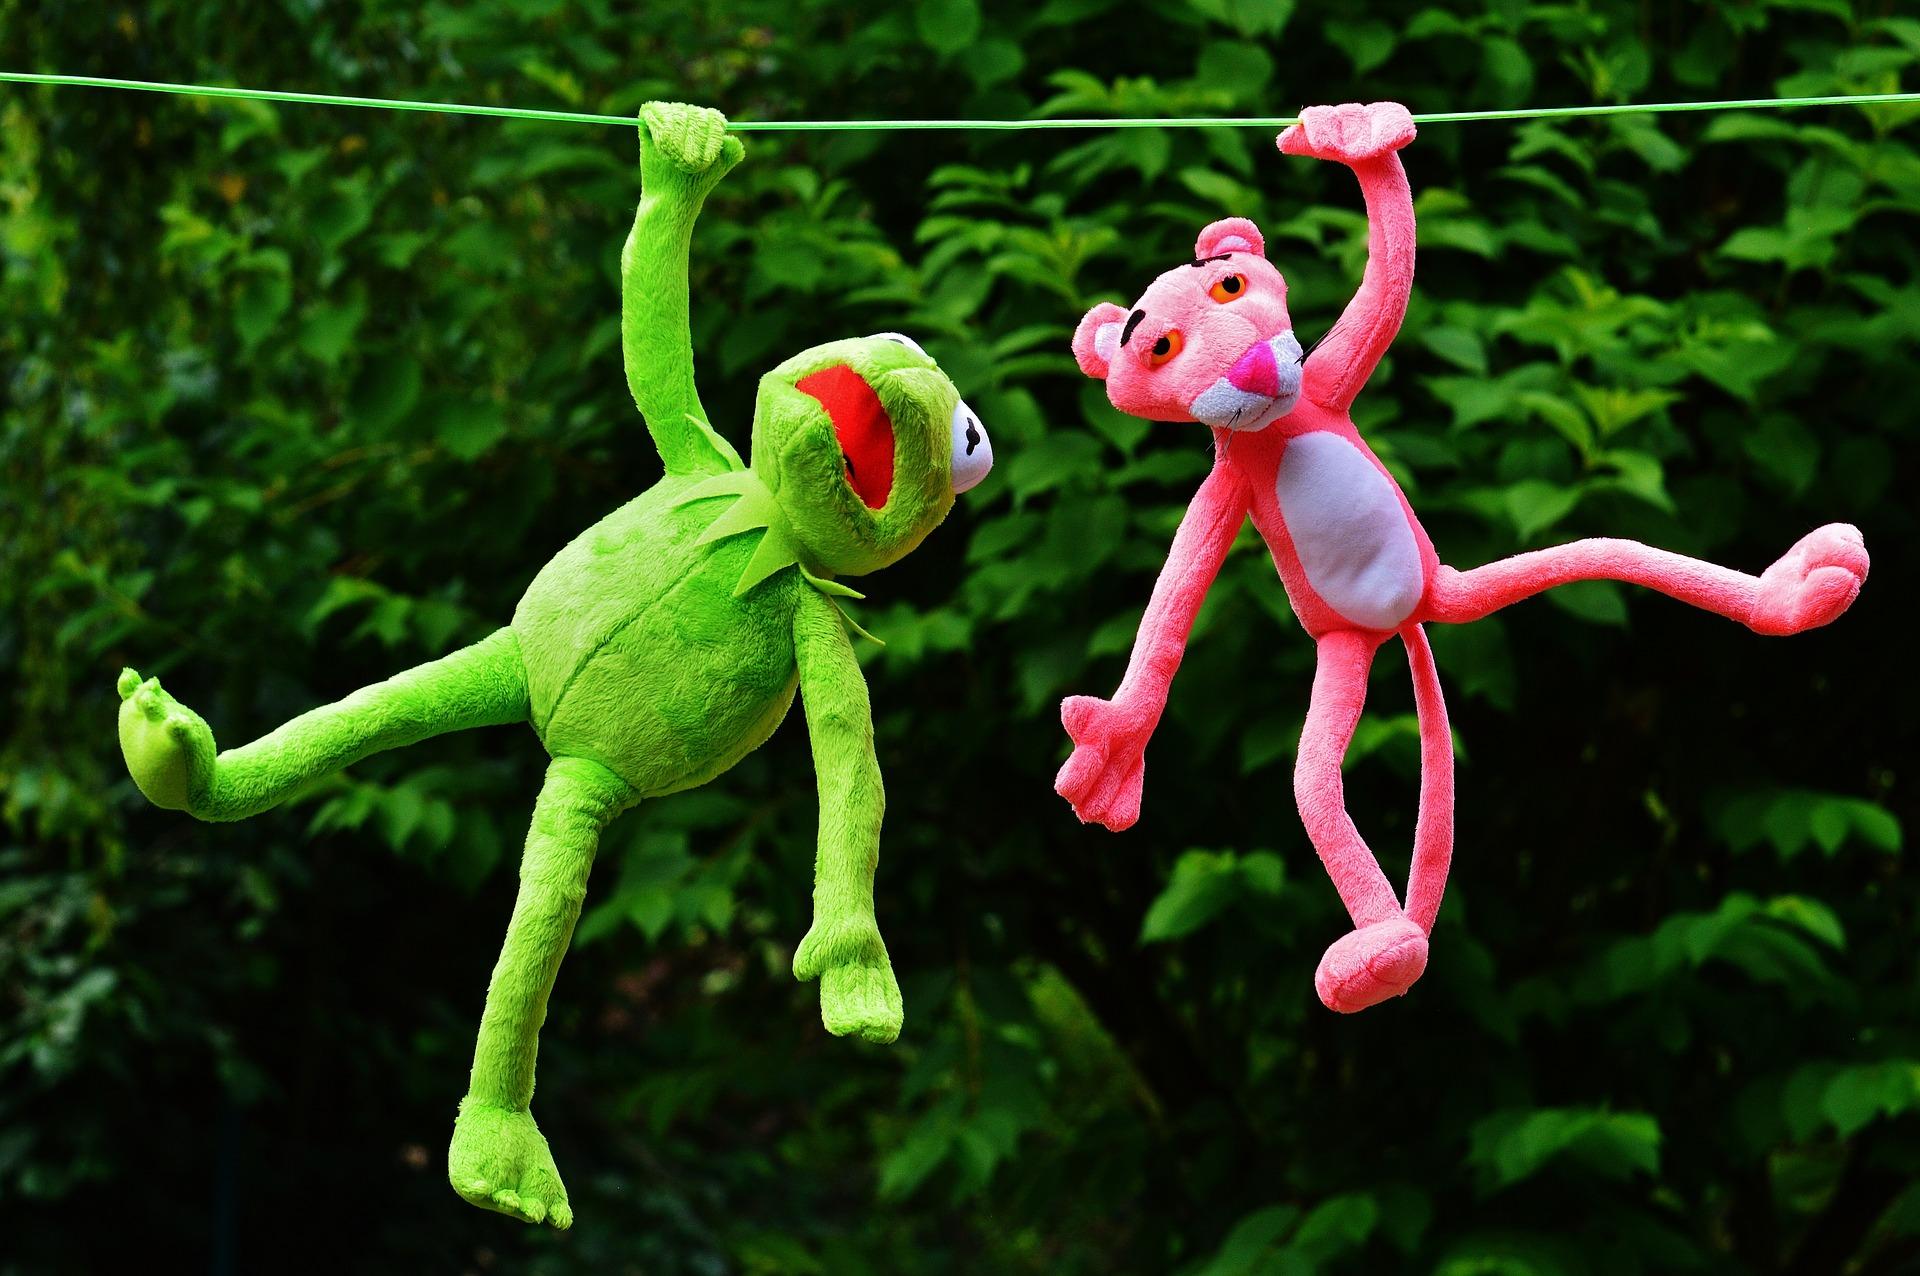 παιχνίδια, χνουδωτά παιχνίδια, Gustavo, Ροζ πάνθηρας, Kermit, Κρεμασμένα - Wallpapers HD - Professor-falken.com